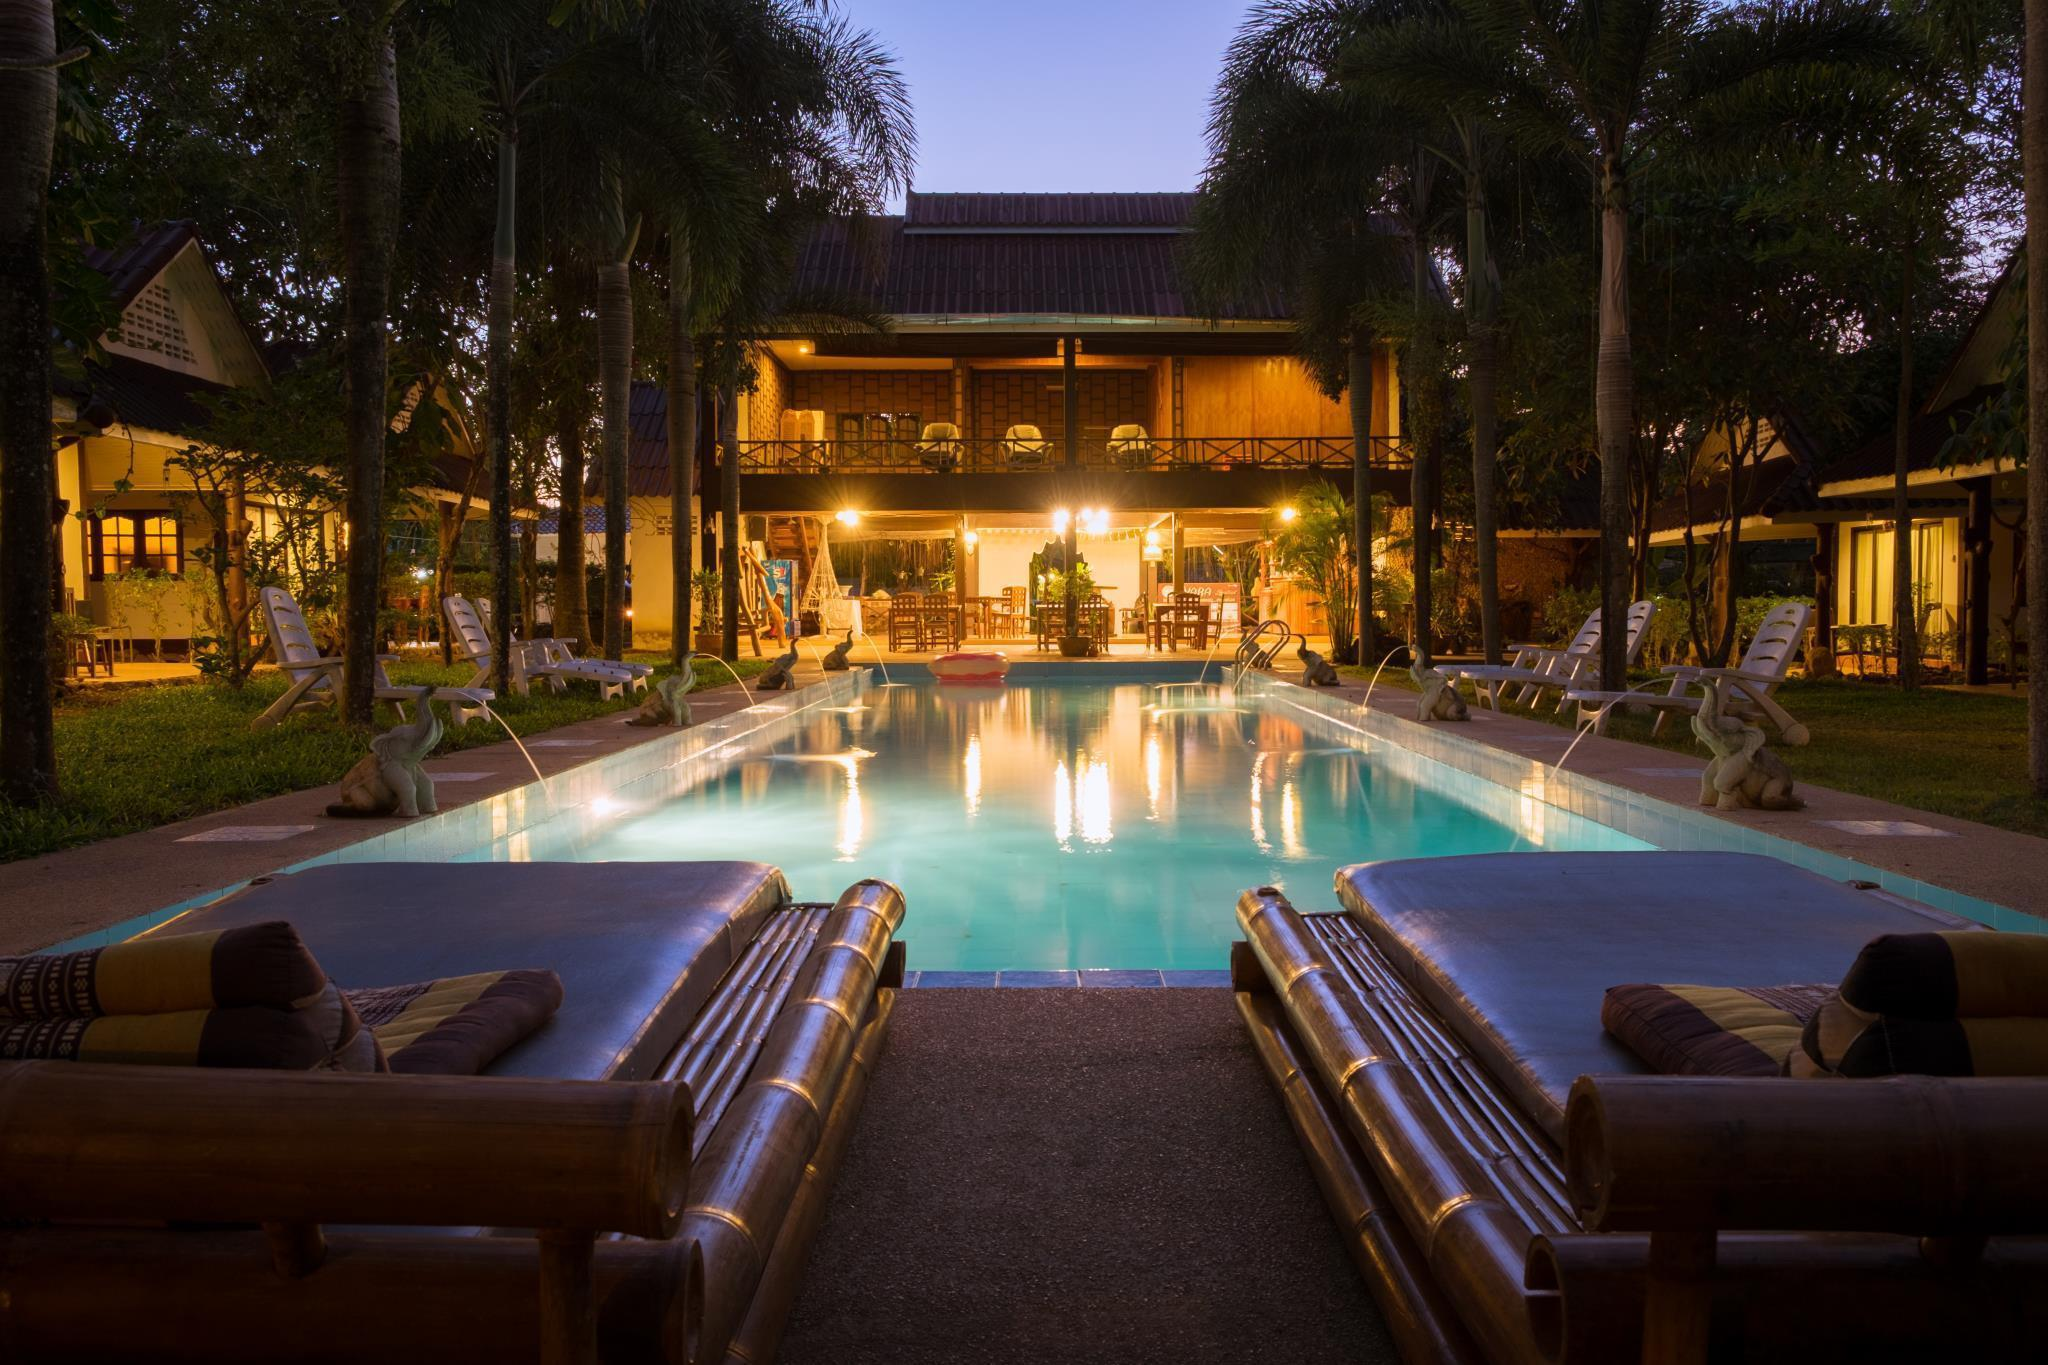 Iyara Resort & Spa ไอยารา รีสอร์ท แอนด์ สปา